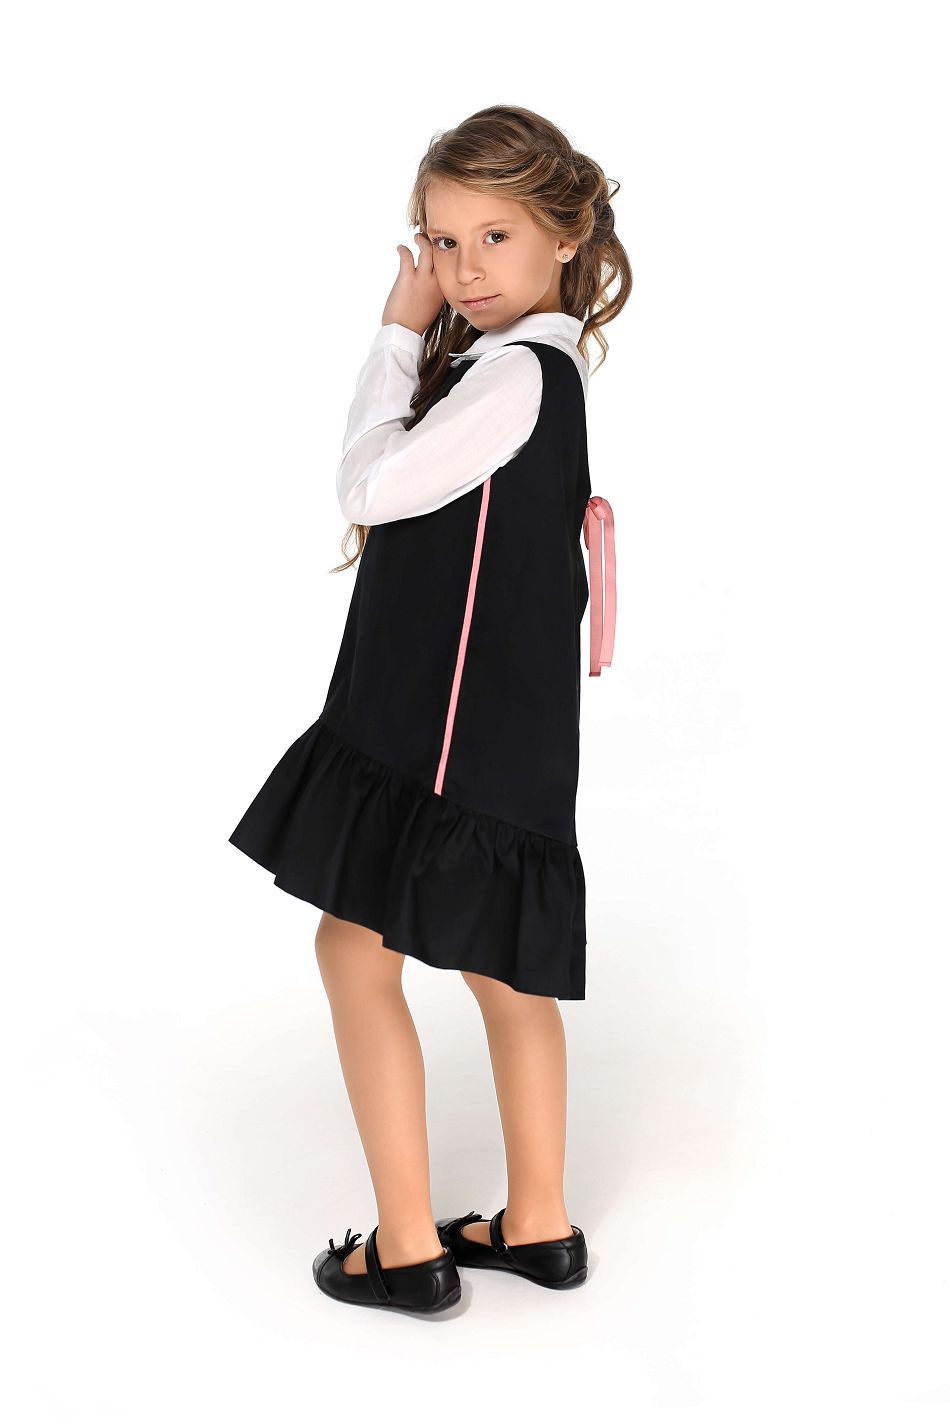 синій та чорний сарафан дівчинці в школу від Malyna